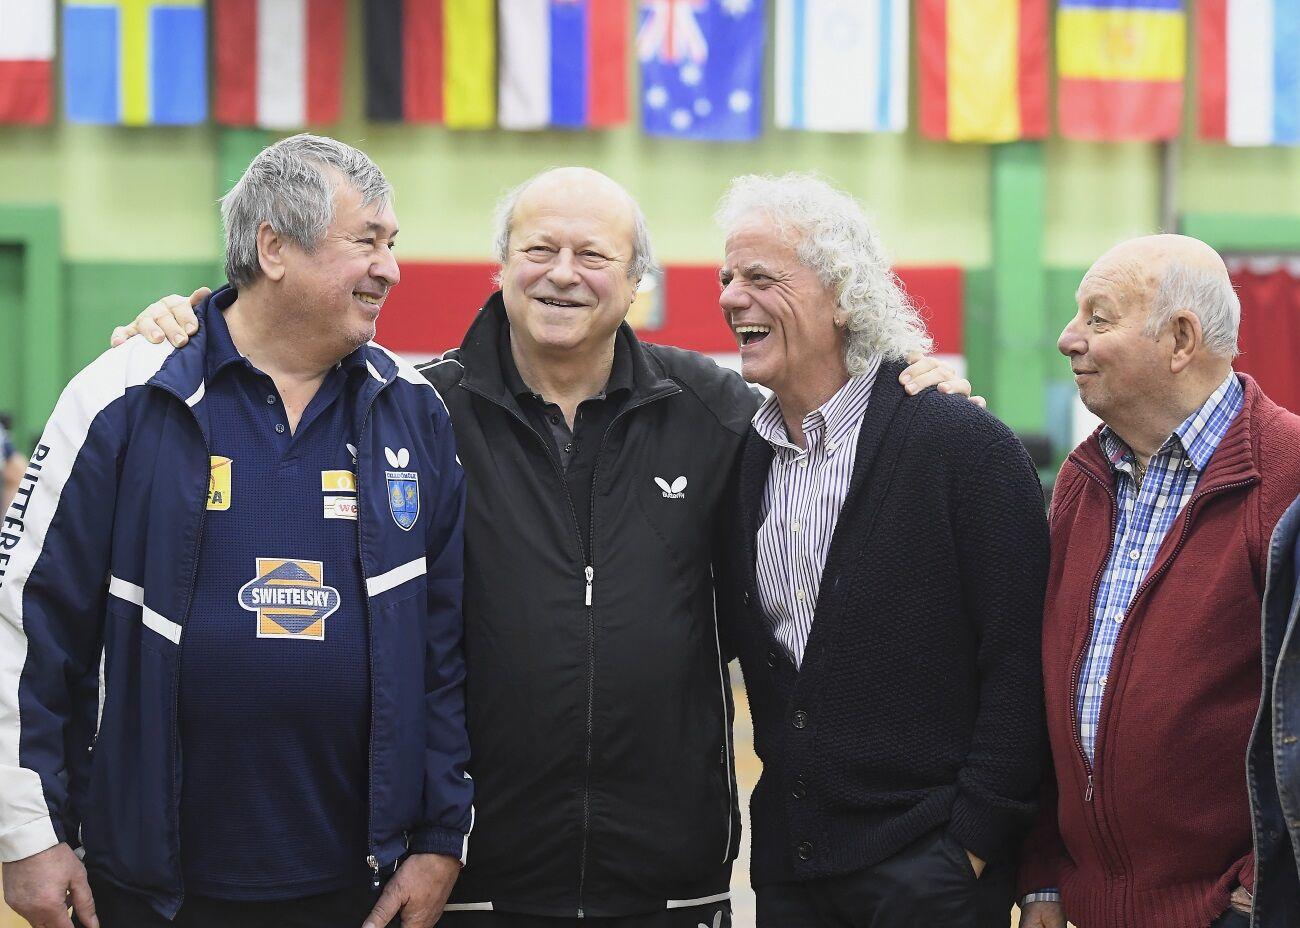 Klampár Tibor, Jónyer István, Gergely Gábor és Faházi János